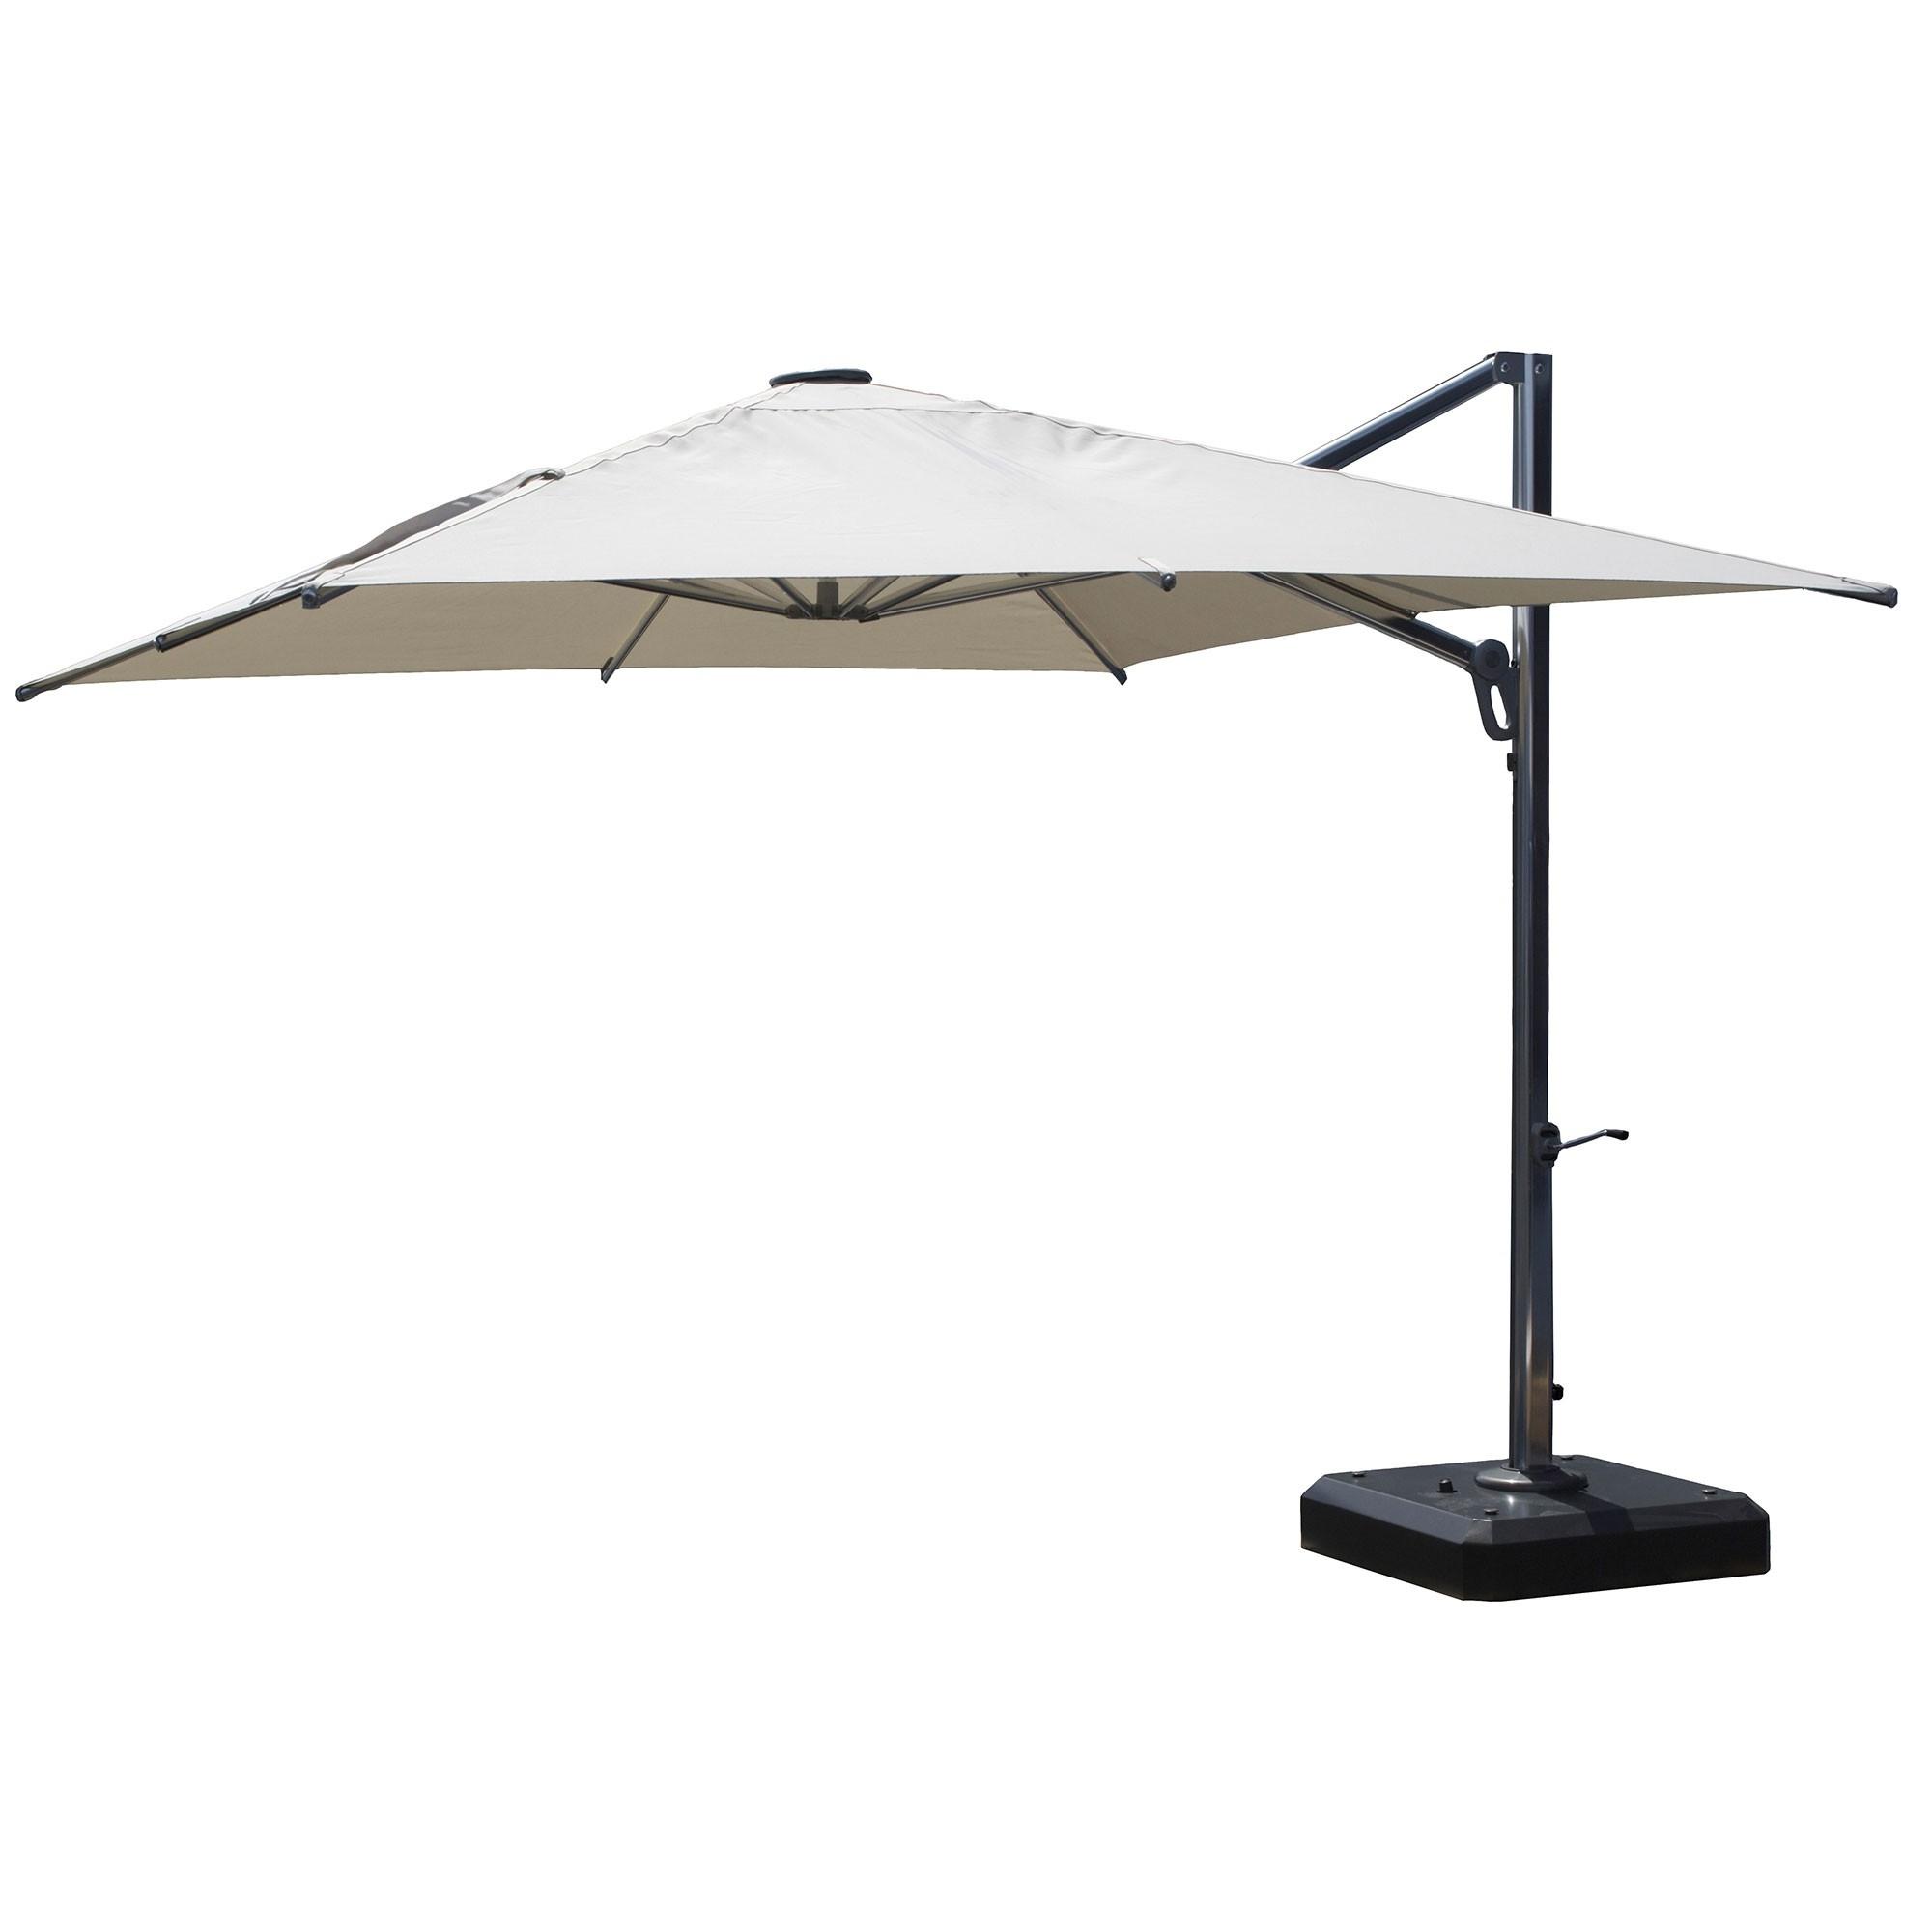 Feruci Patio F52 Pertaining To Famous Commercial Patio Umbrellas Sunbrella (View 20 of 20)